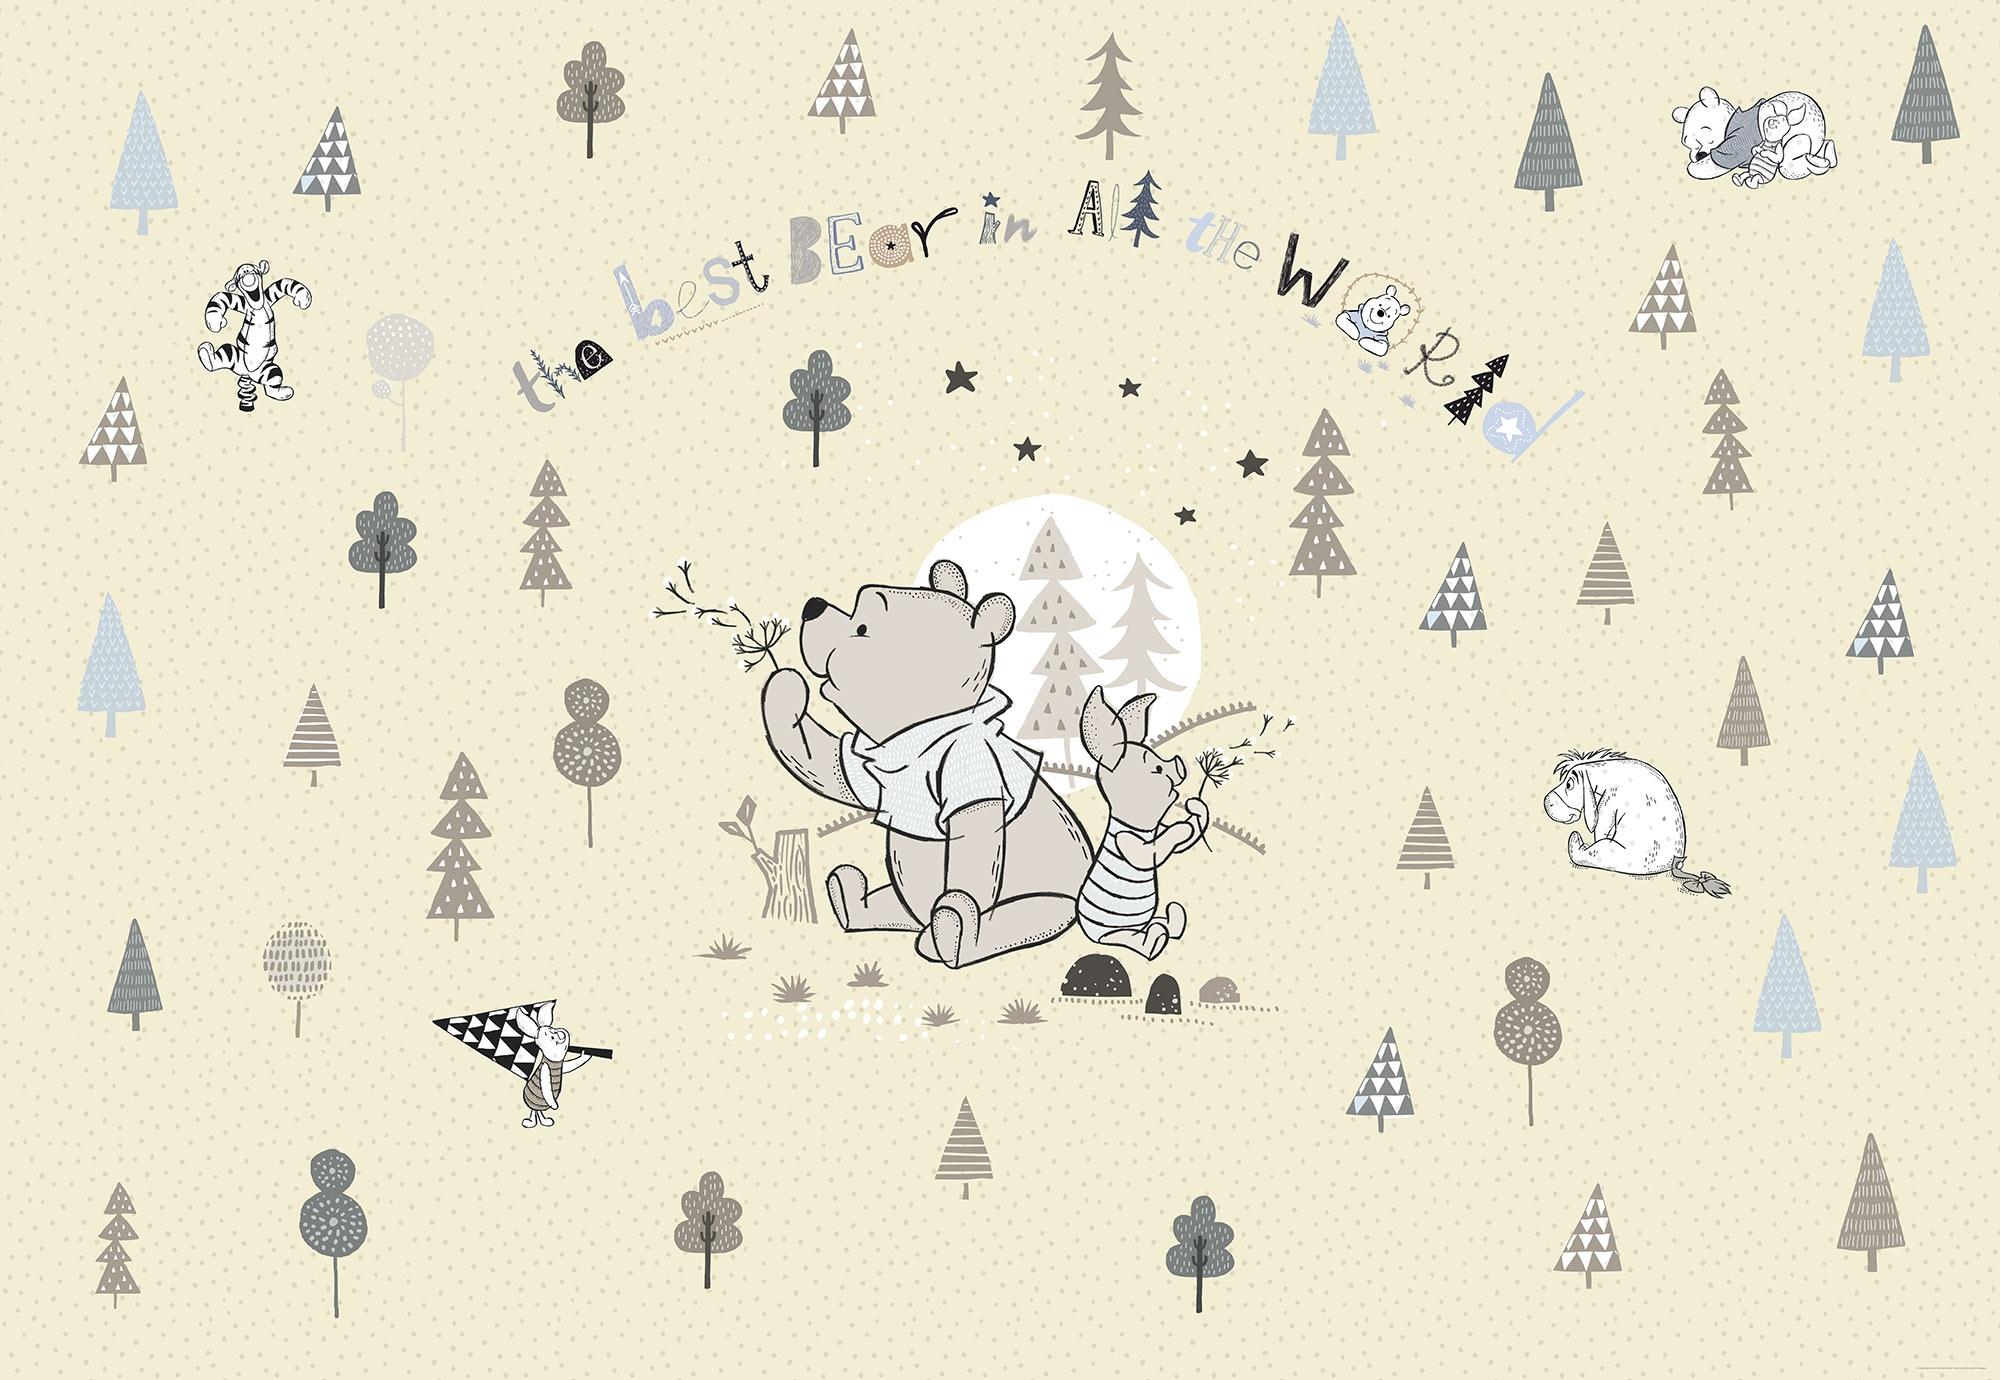 fototapete winnie pooh best bear von disney. Black Bedroom Furniture Sets. Home Design Ideas